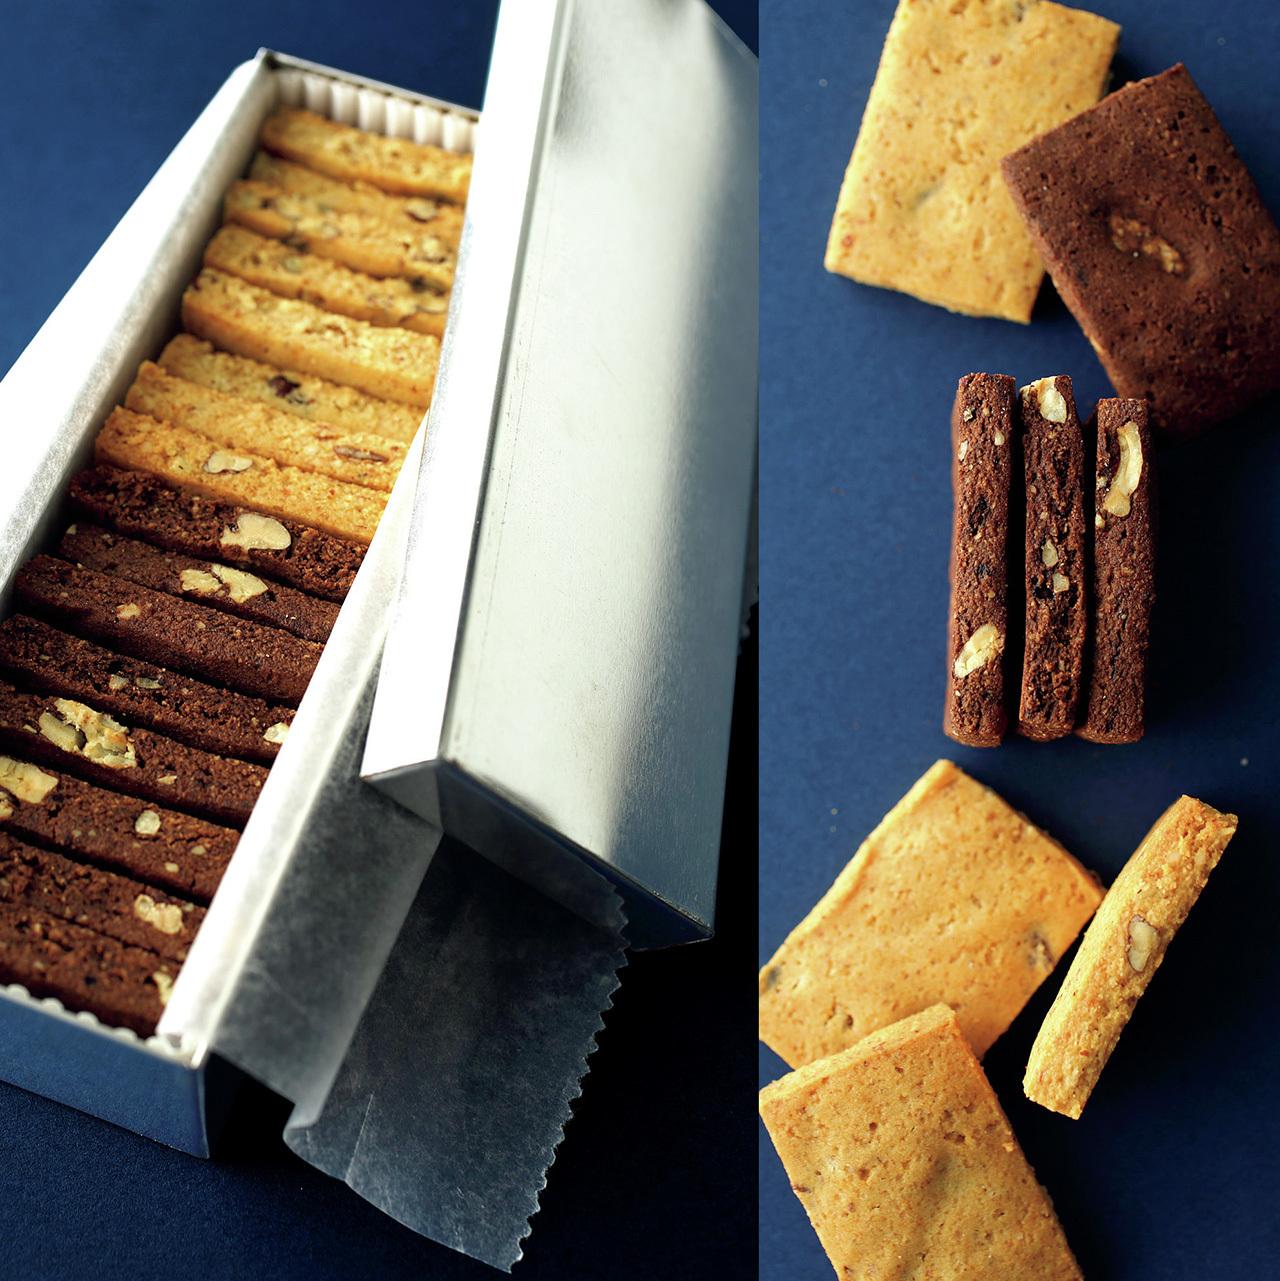 おいしさの小宇宙、缶入りクッキーの世界へようこそ 五選_1_1-3